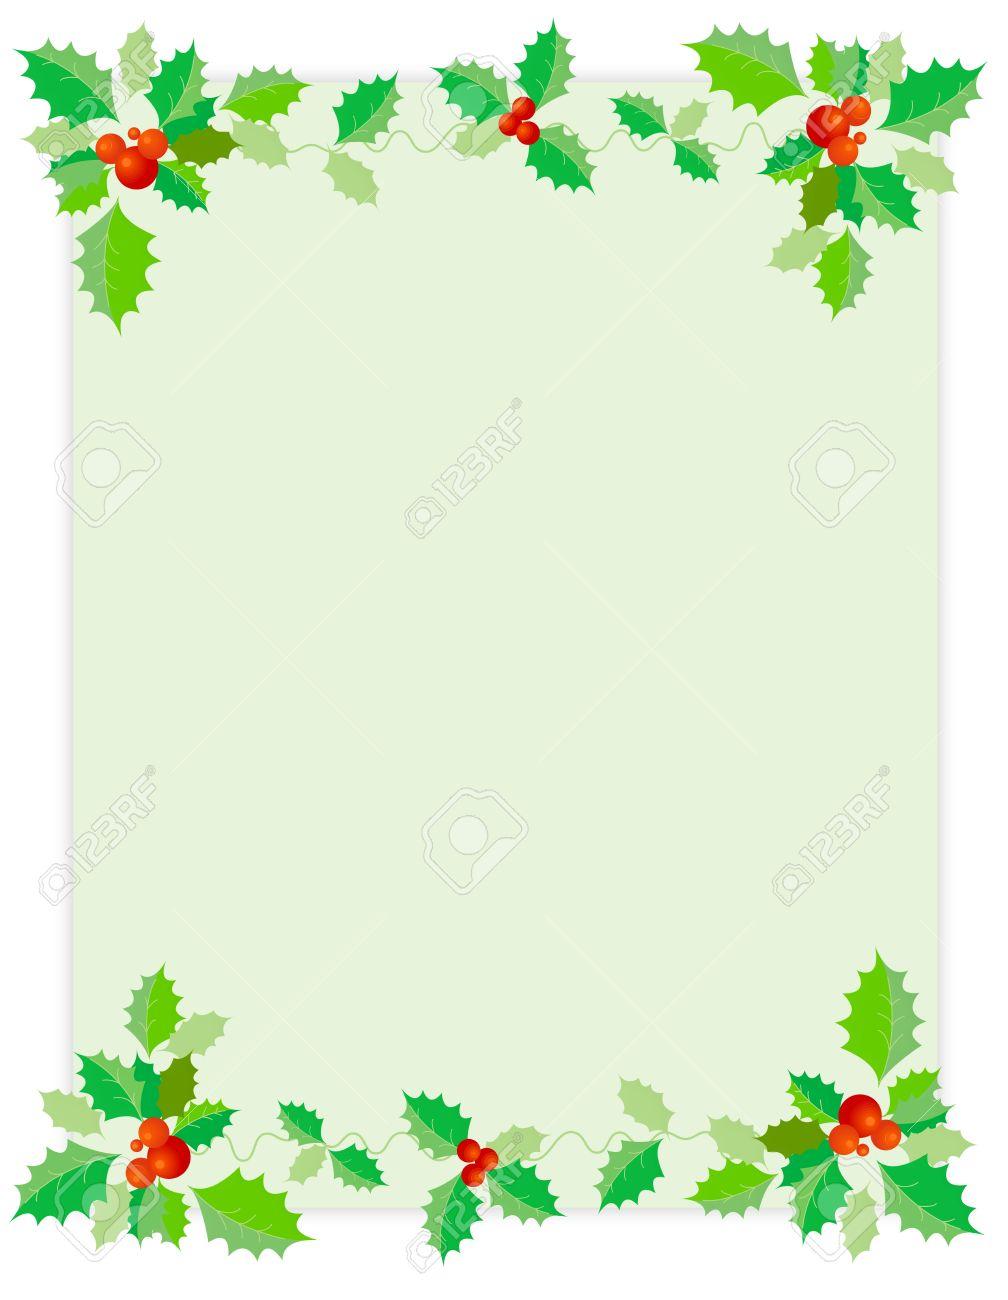 Stechpalmenblätter Und Rote Beeren Weihnachten / Urlaub Hintergrund ...